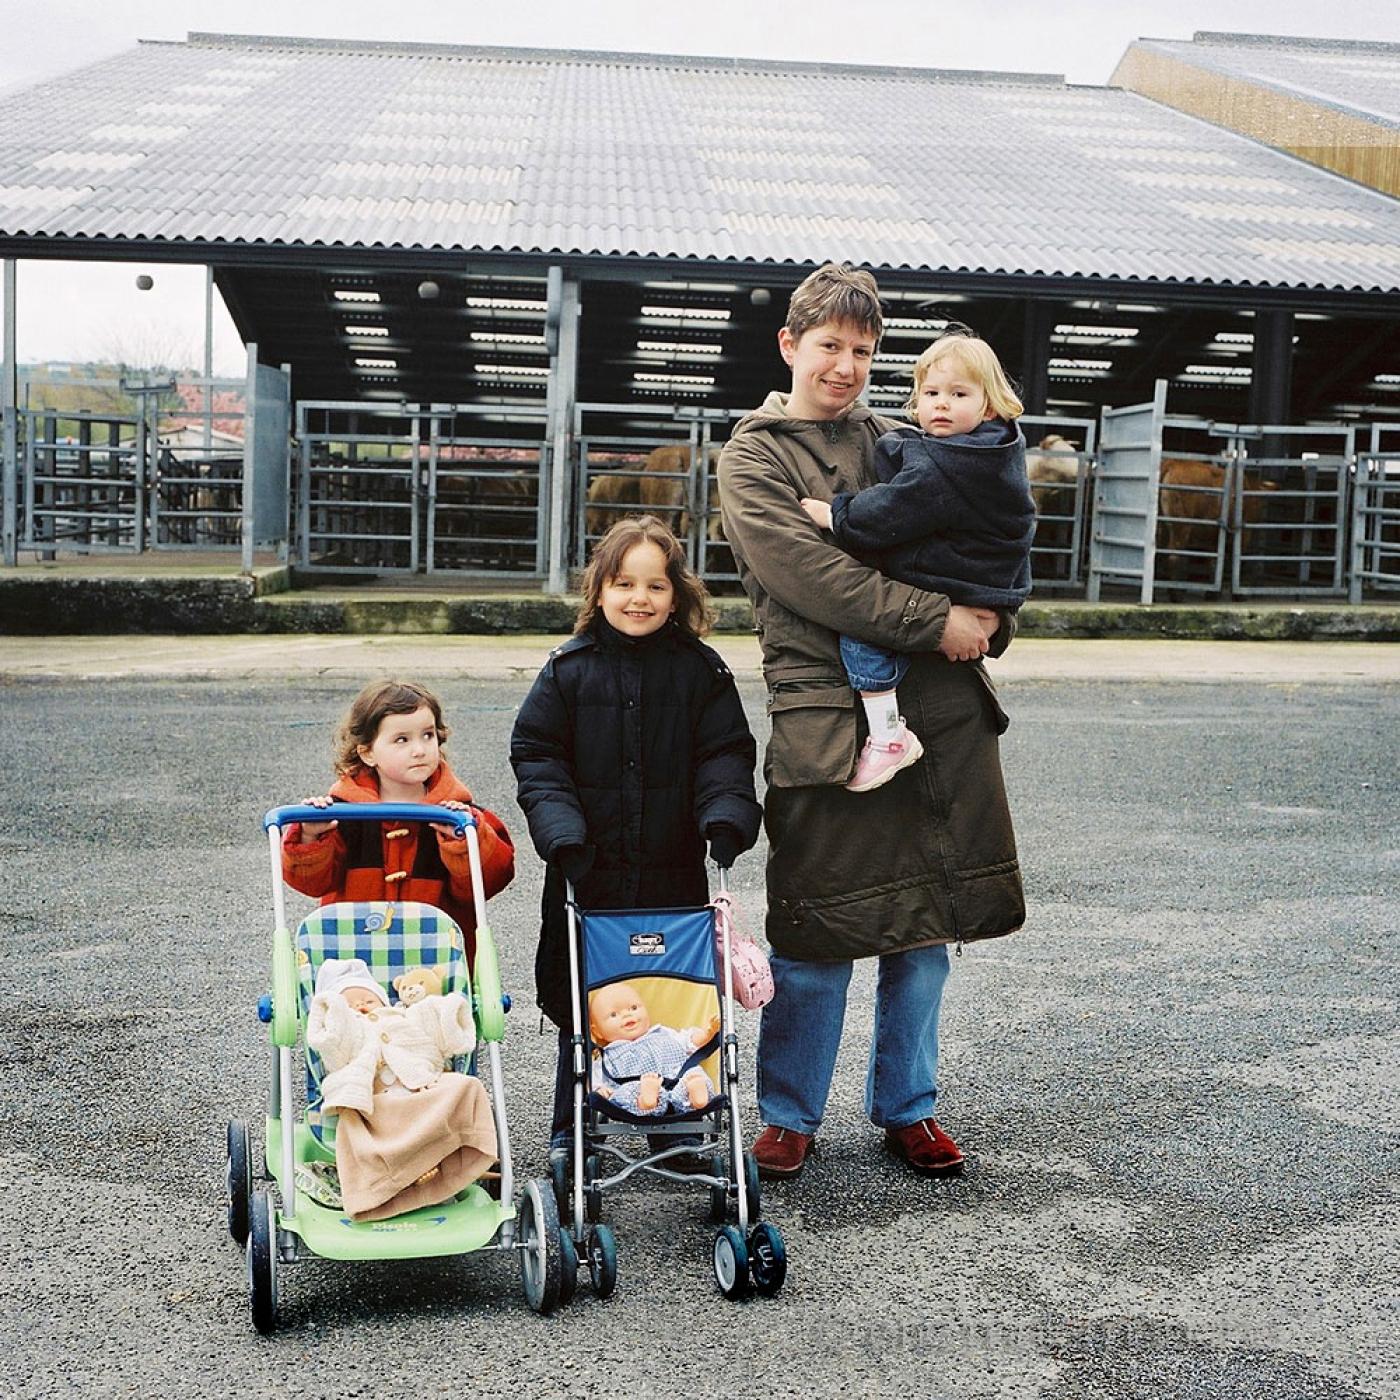 http://www.ericmalemanche.com/imagess/topics/les-bretons-de-l-argoat/liste/Bretons-Malemanche-025.jpg